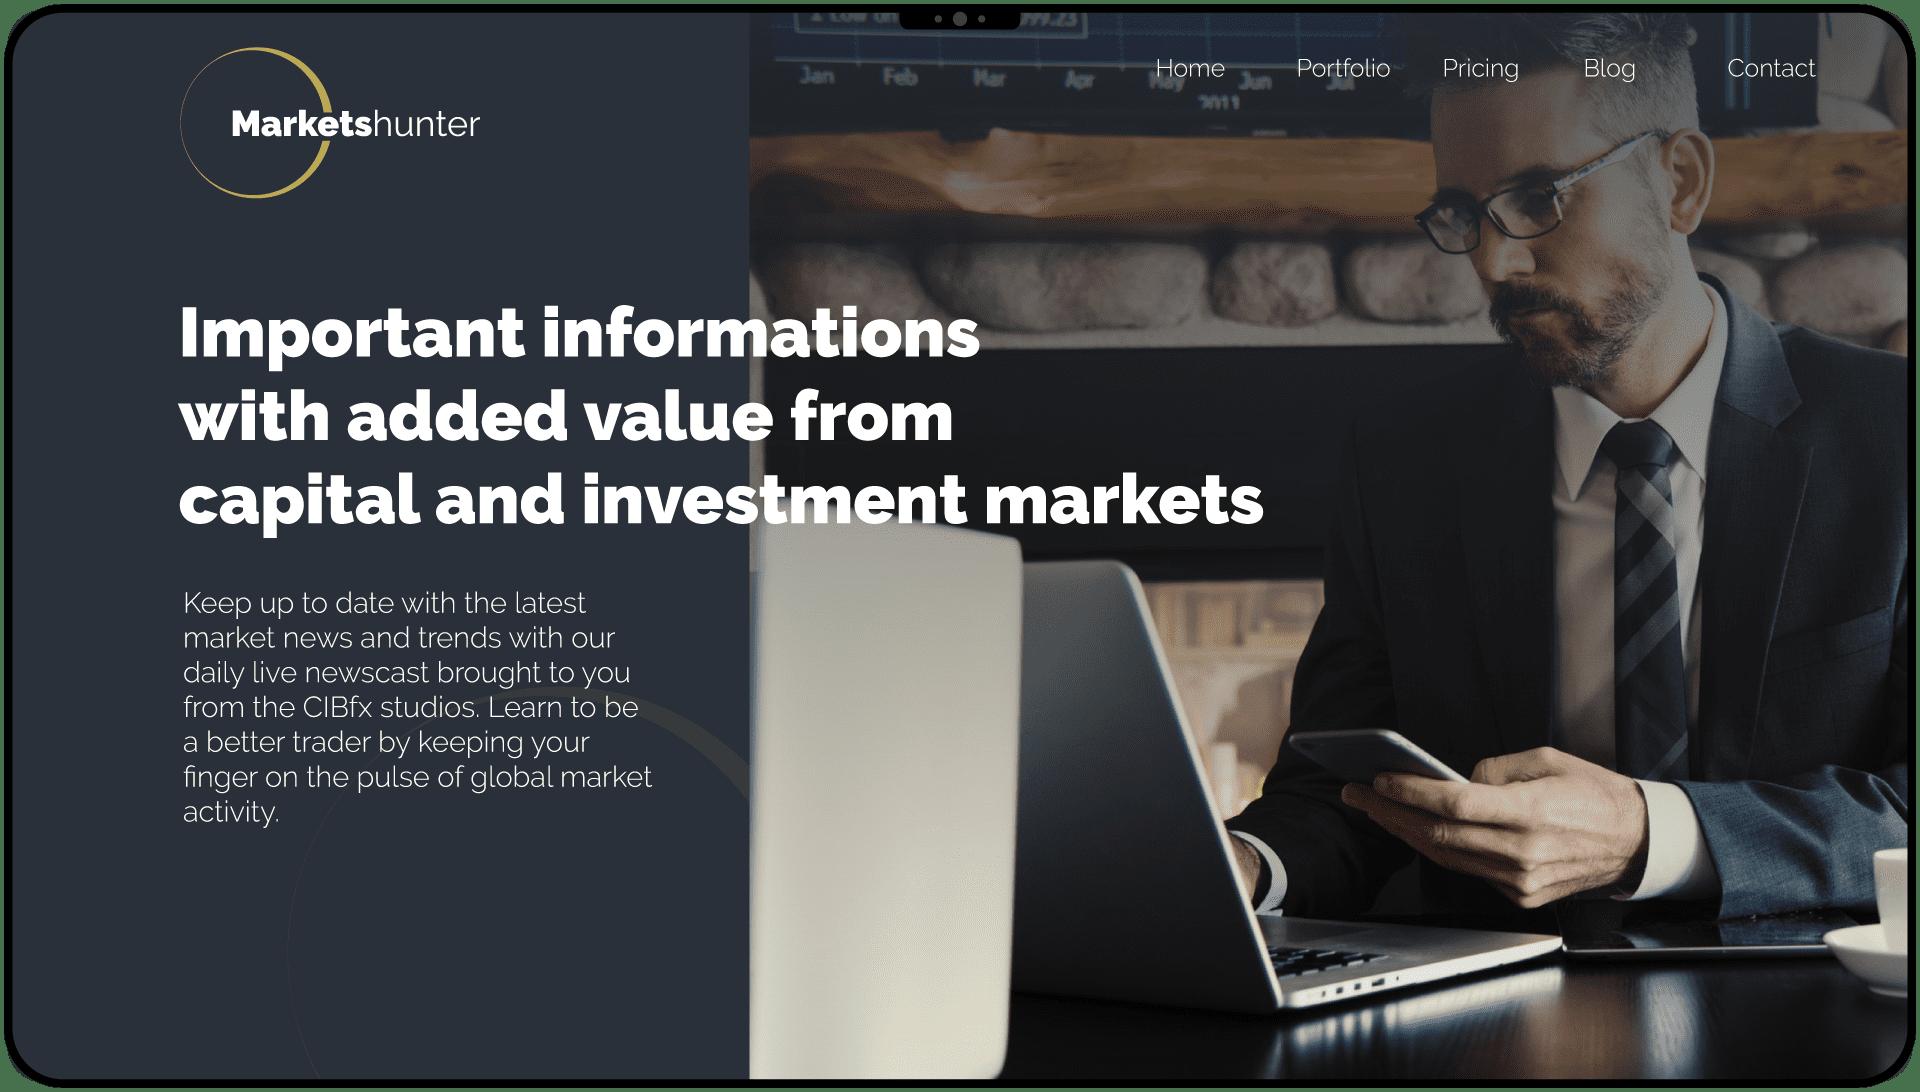 Návrh dizajnu webu pre značku marketshunter